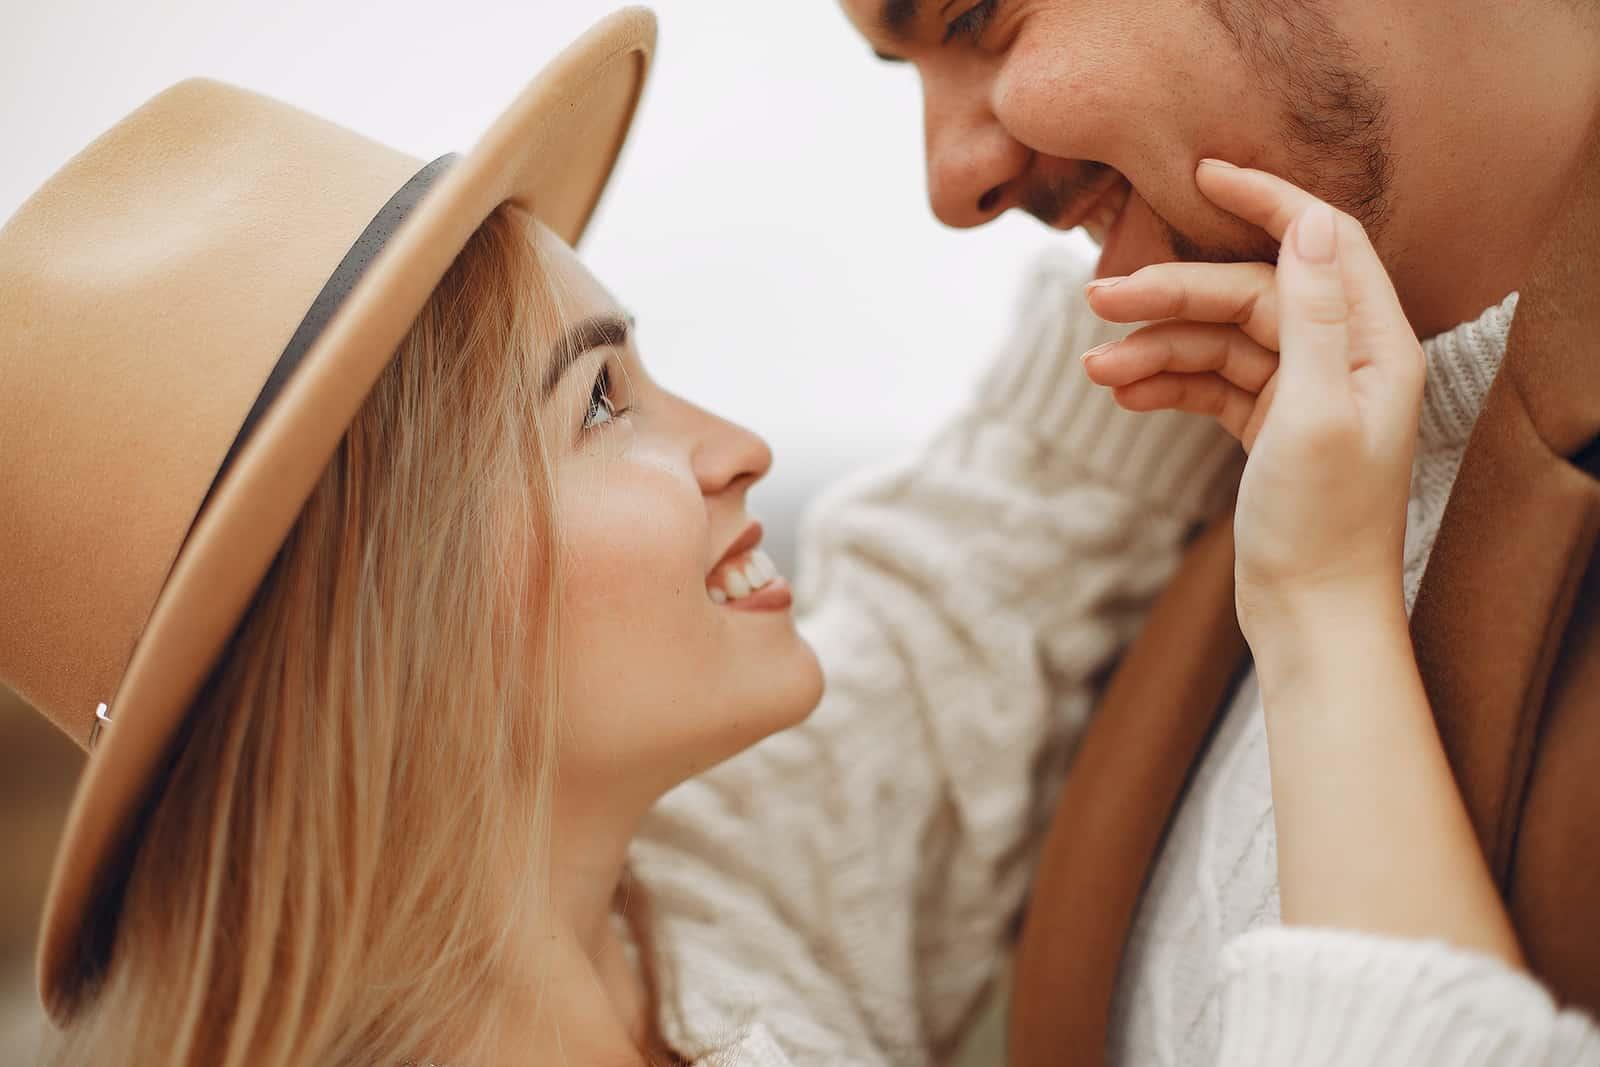 lächelnde Frau, die ihrem Freund gegenübersteht und seine Wange berührt